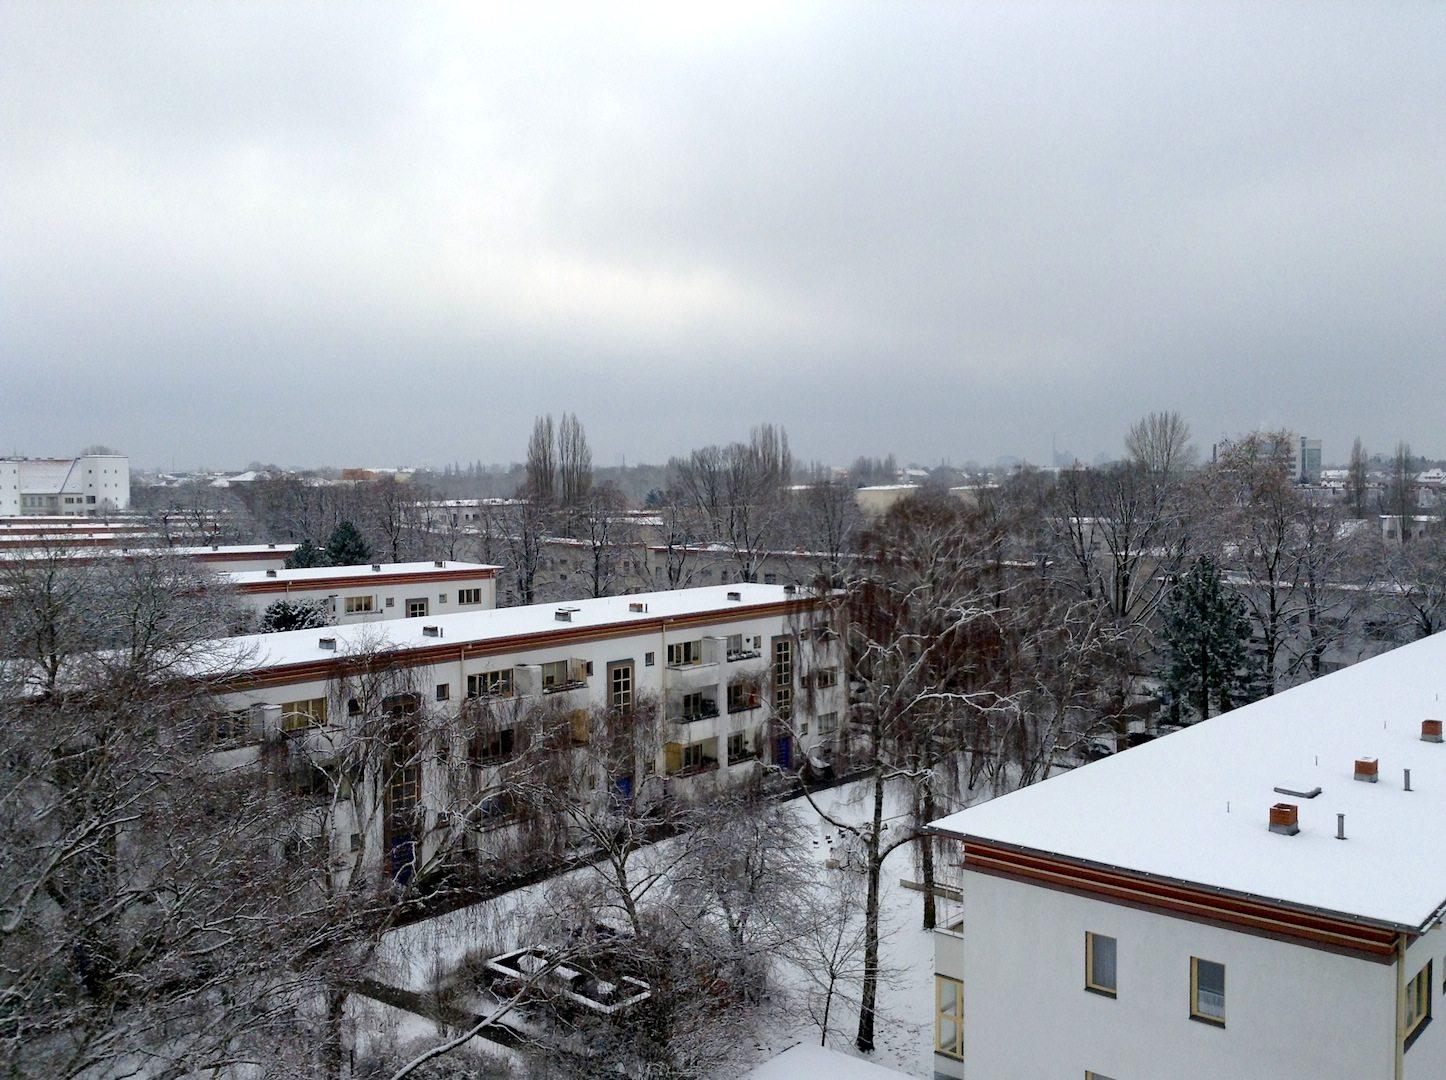 Weiße Stadt. Courtyards